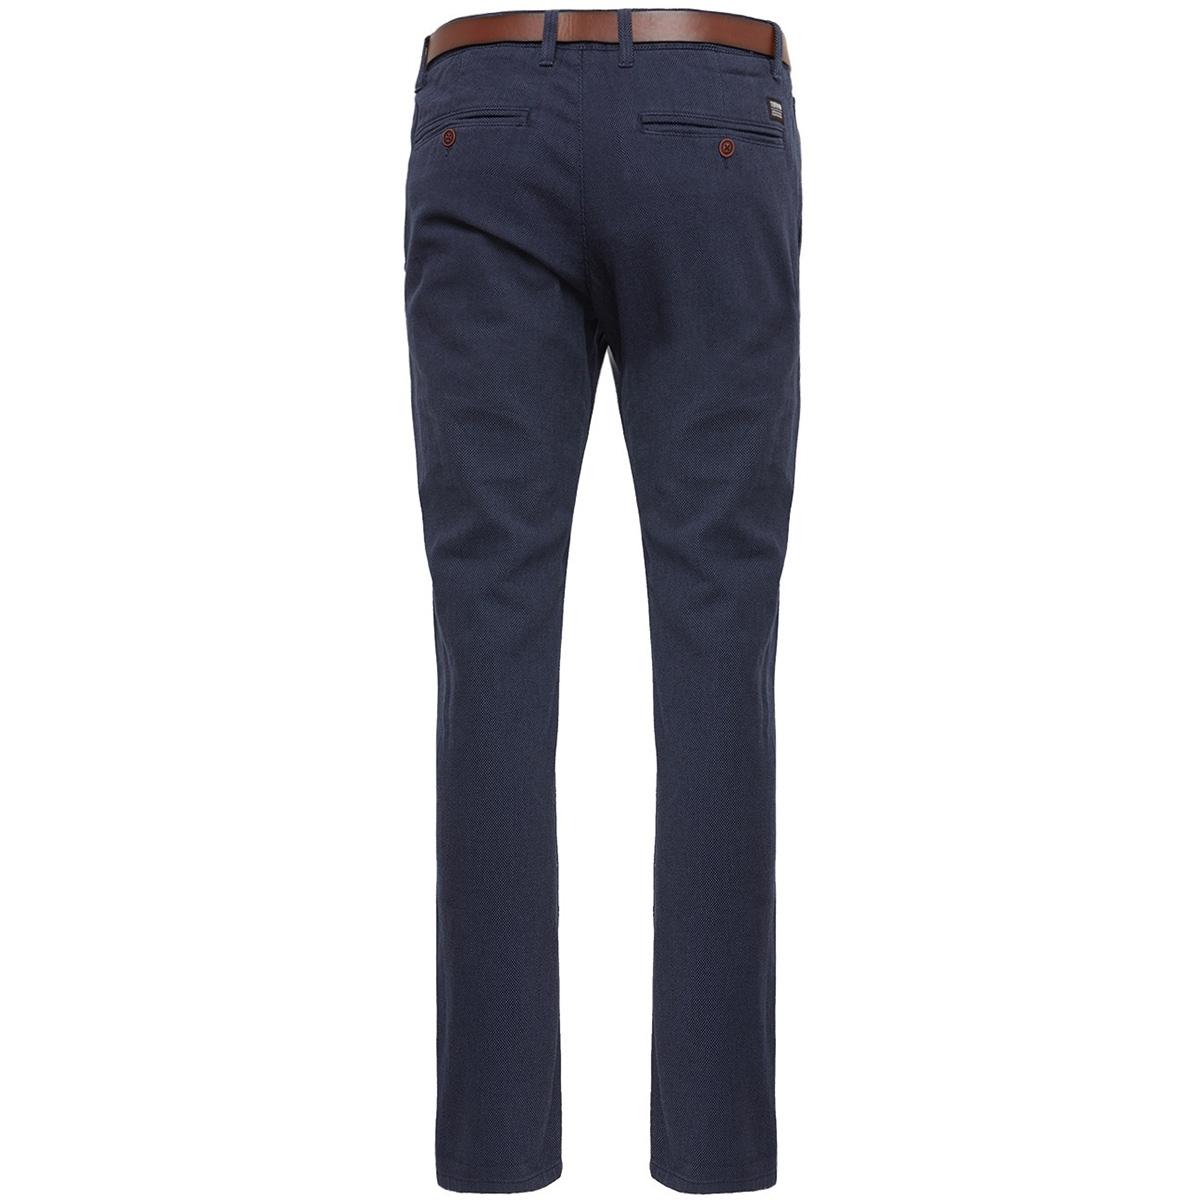 64552810912 tom tailor broek 6576